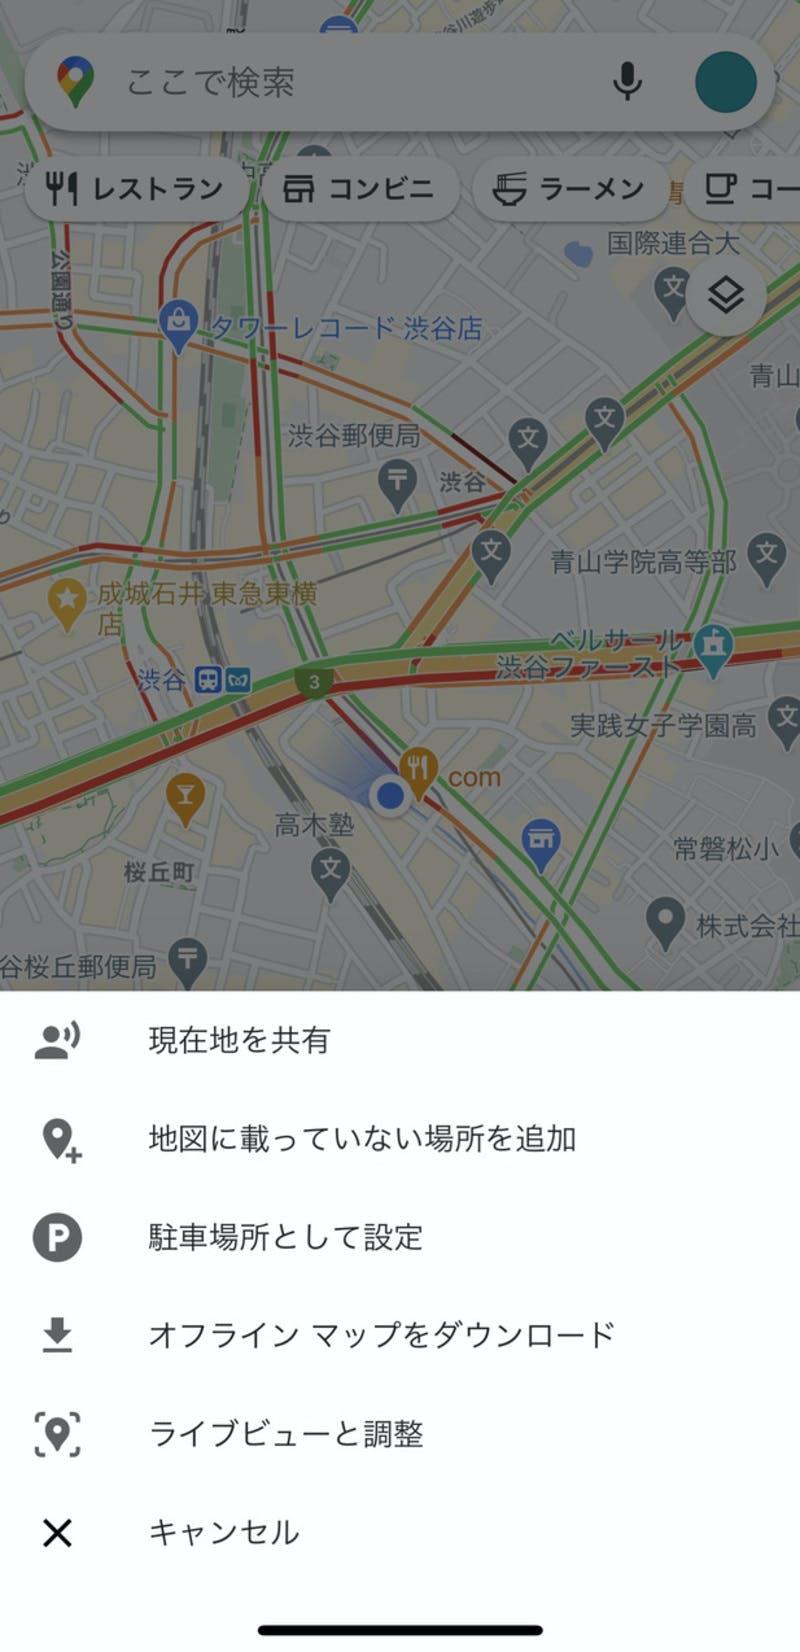 ▲「オフライン マップをダウンロード」をタップ